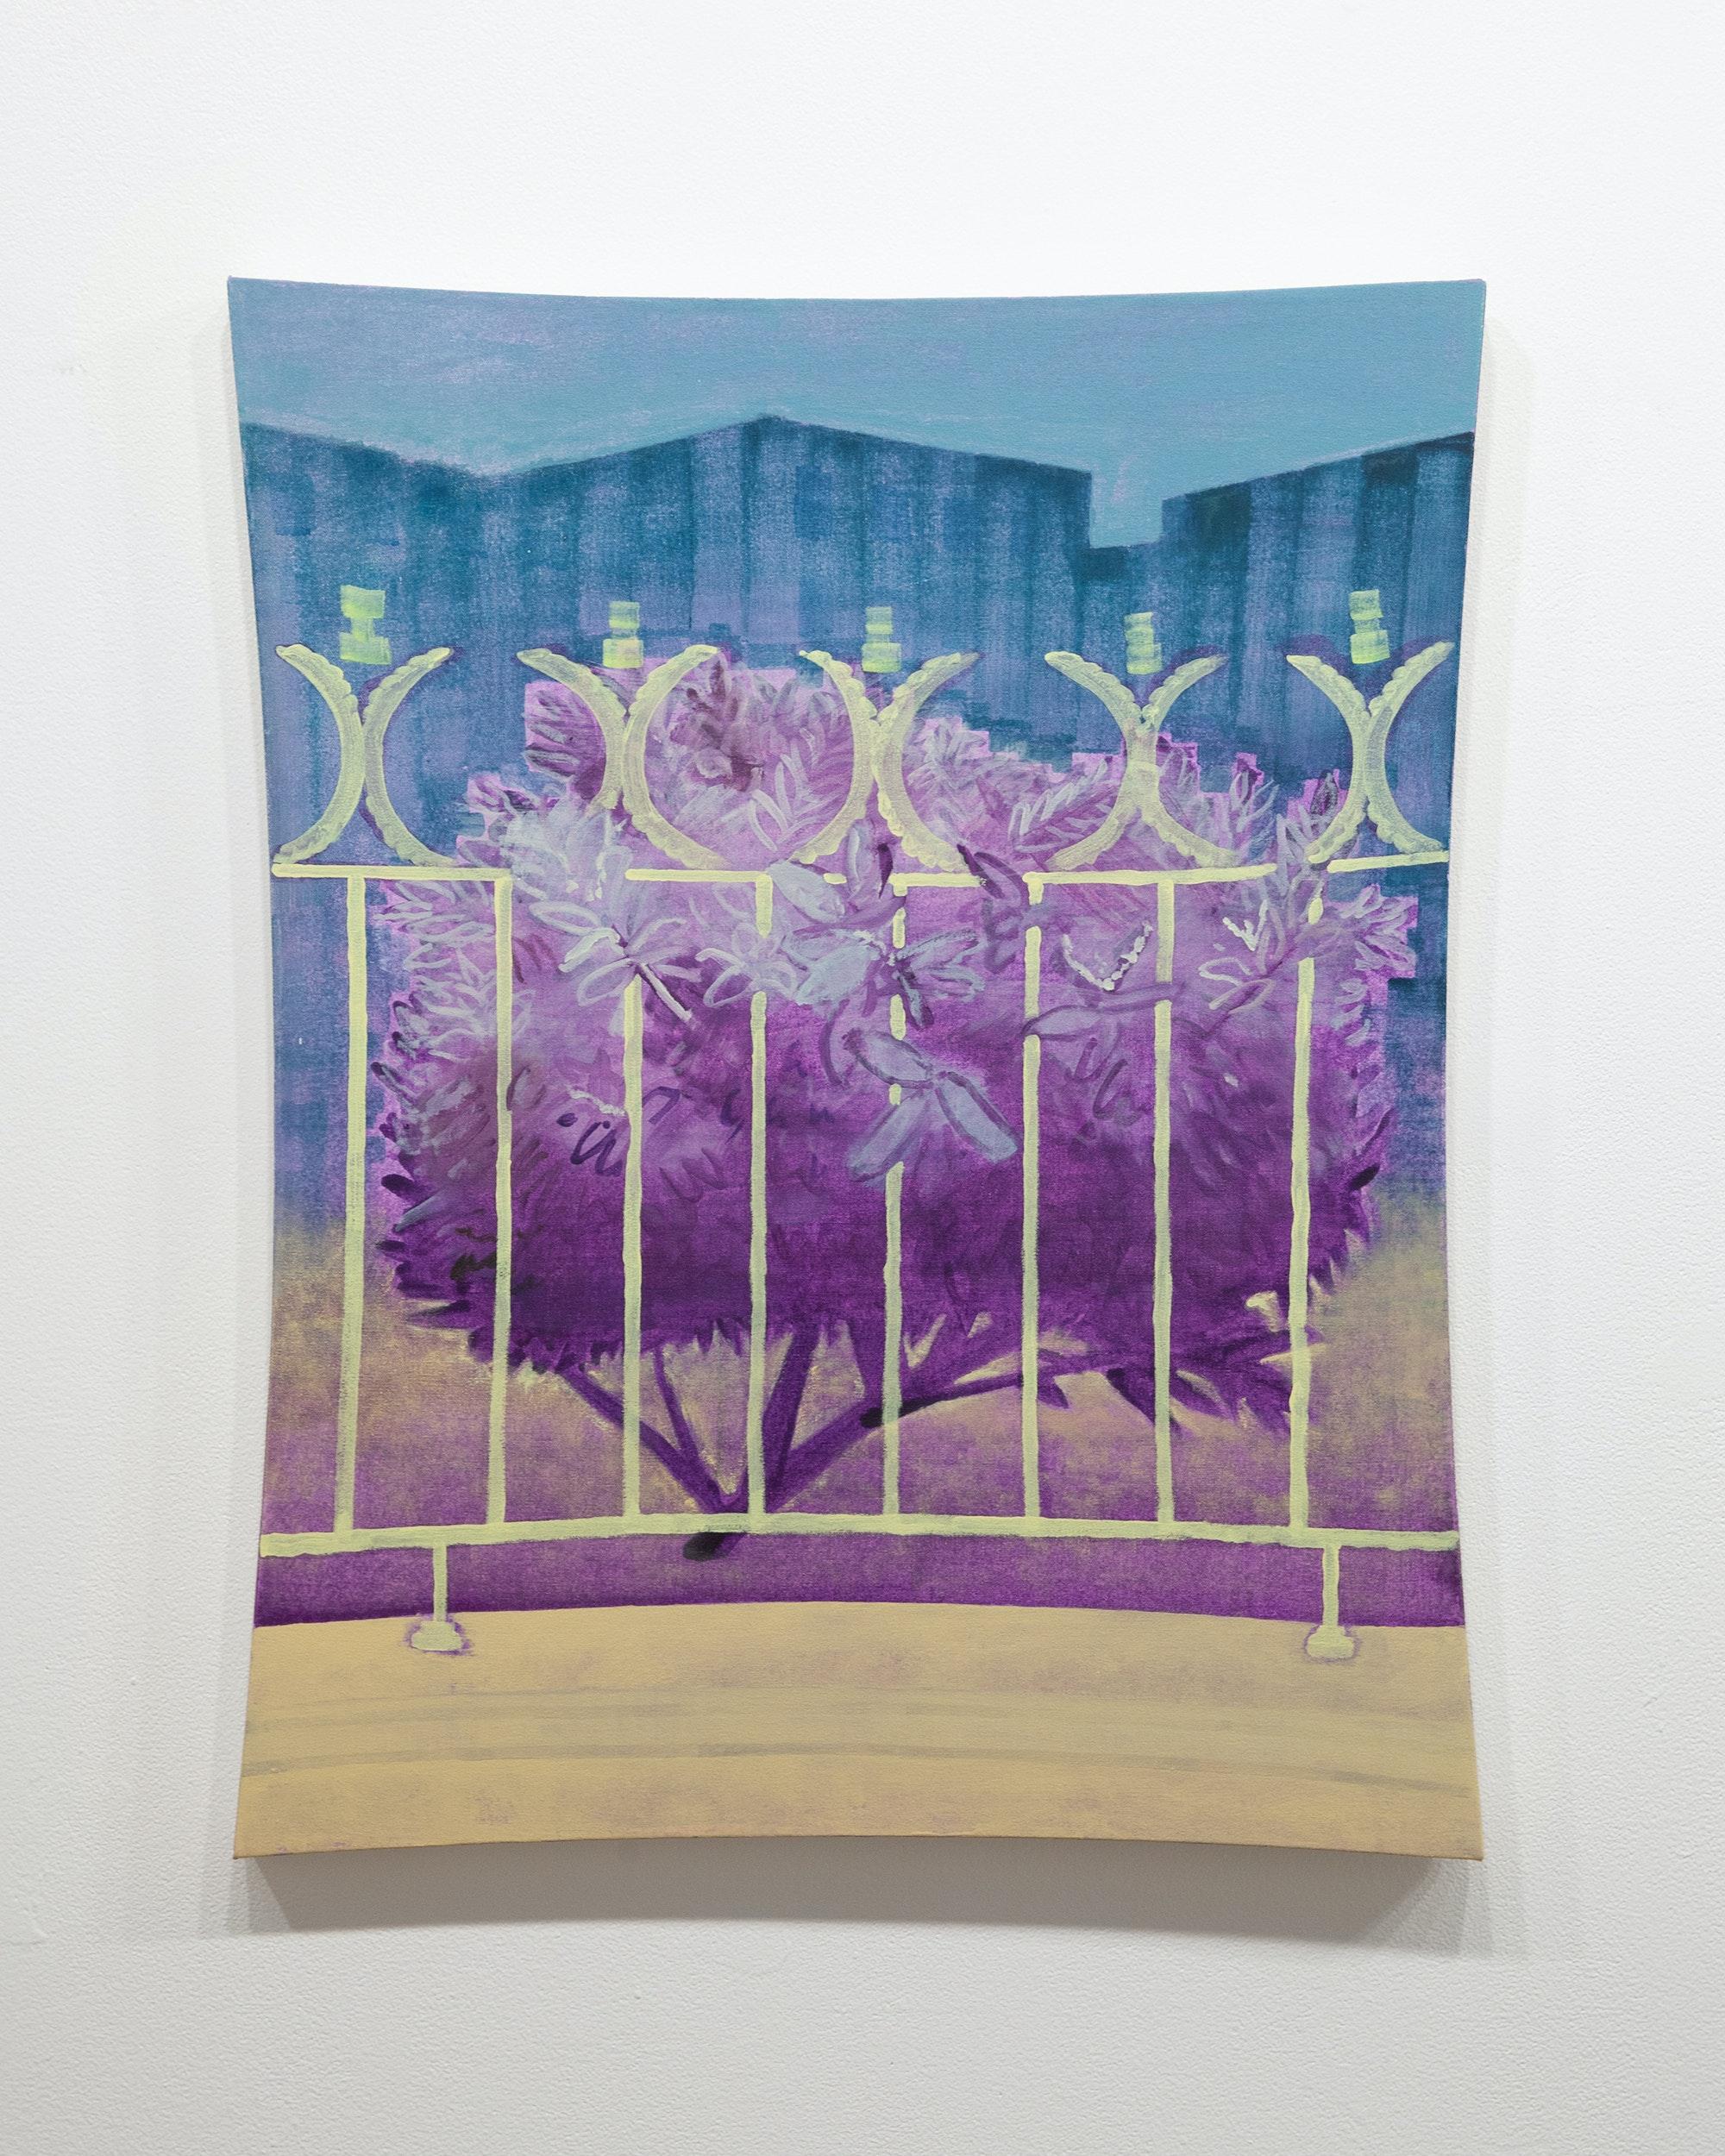 Masamitsu Shigeta, <em>A night</em>, 2021. Acrylic on canvas, 30 x 24 inches. Courtesy SITUATIONS Gallery.